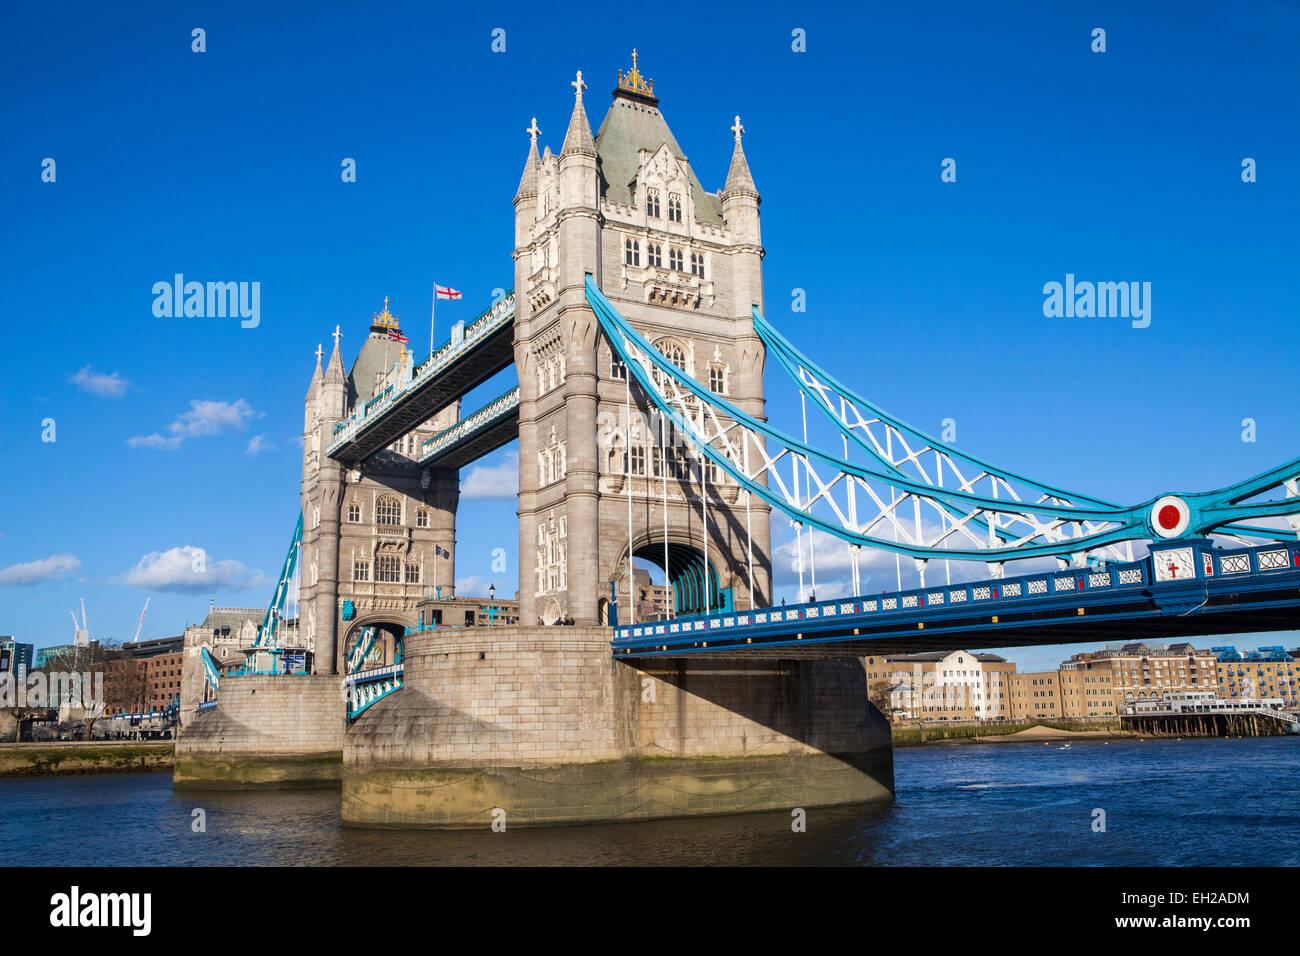 Die schöne Tower Bridge unter einem strahlend blauen Himmel in London. Stockbild